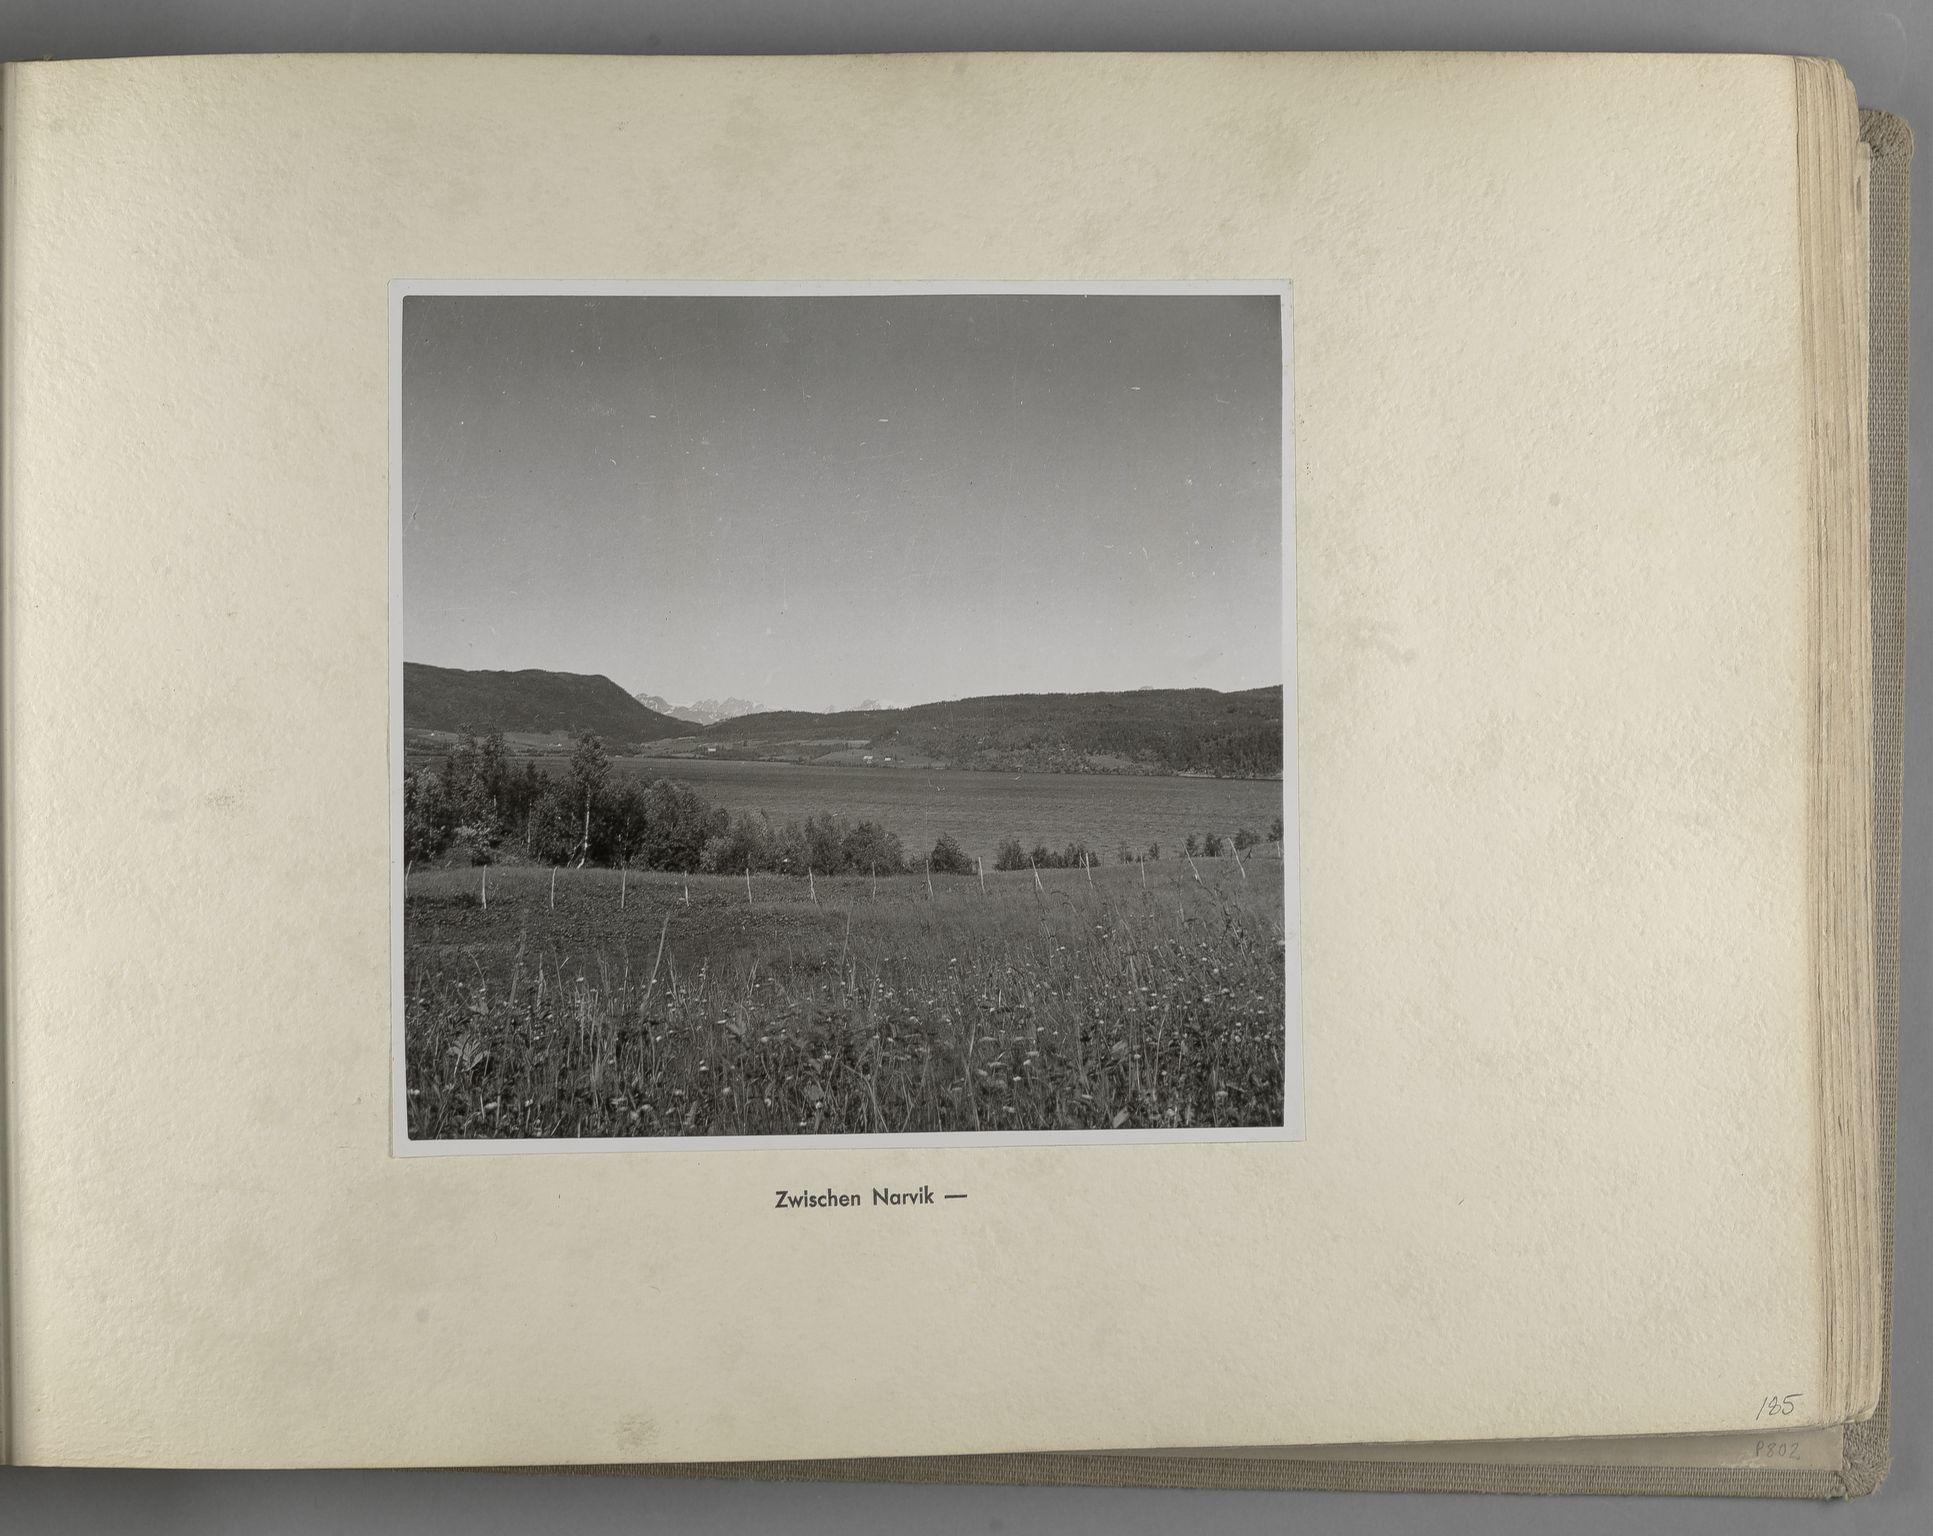 RA, Tyske arkiver, Reichskommissariat, Bildarchiv, U/L0071: Fotoalbum: Mit dem Reichskommissar nach Nordnorwegen und Finnland 10. bis 27. Juli 1942, 1942, s. 75